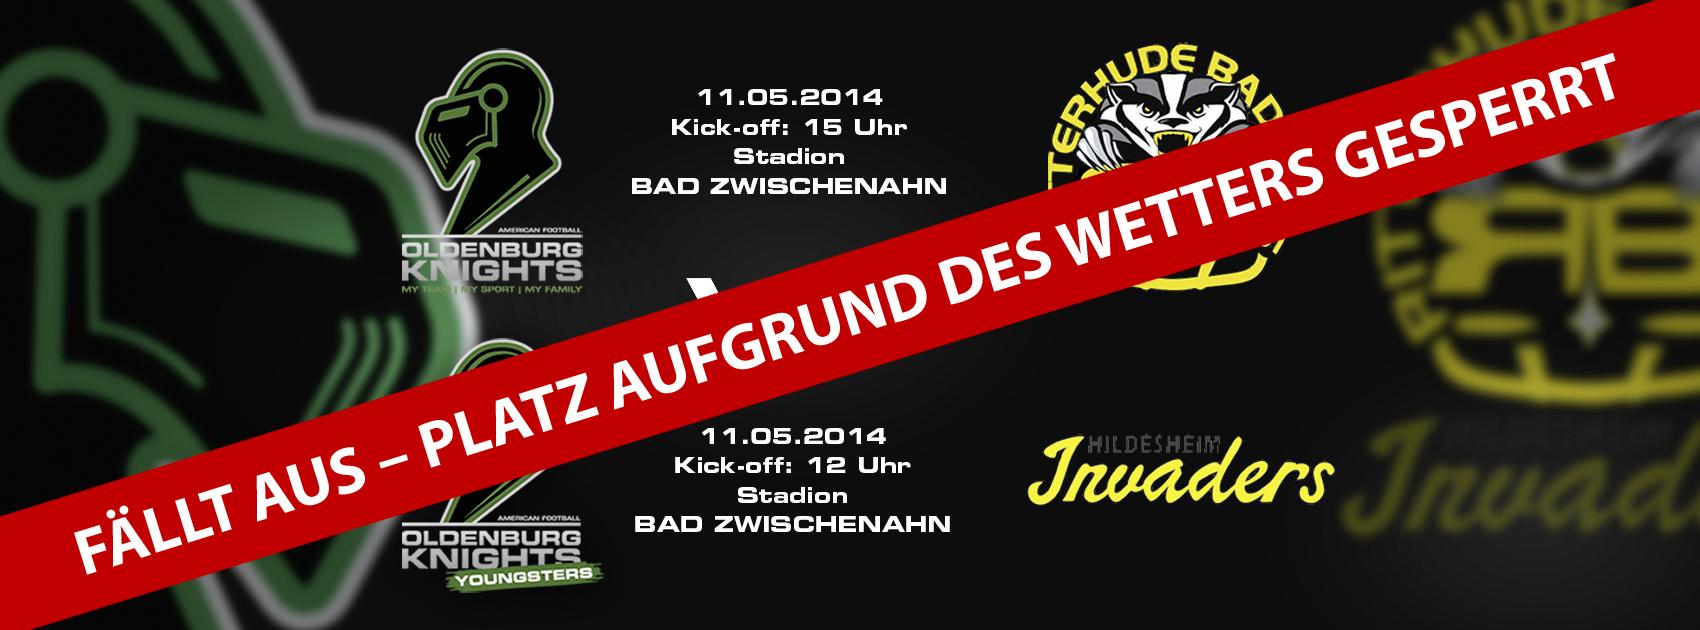 Saison-Start 2014 verschoben!